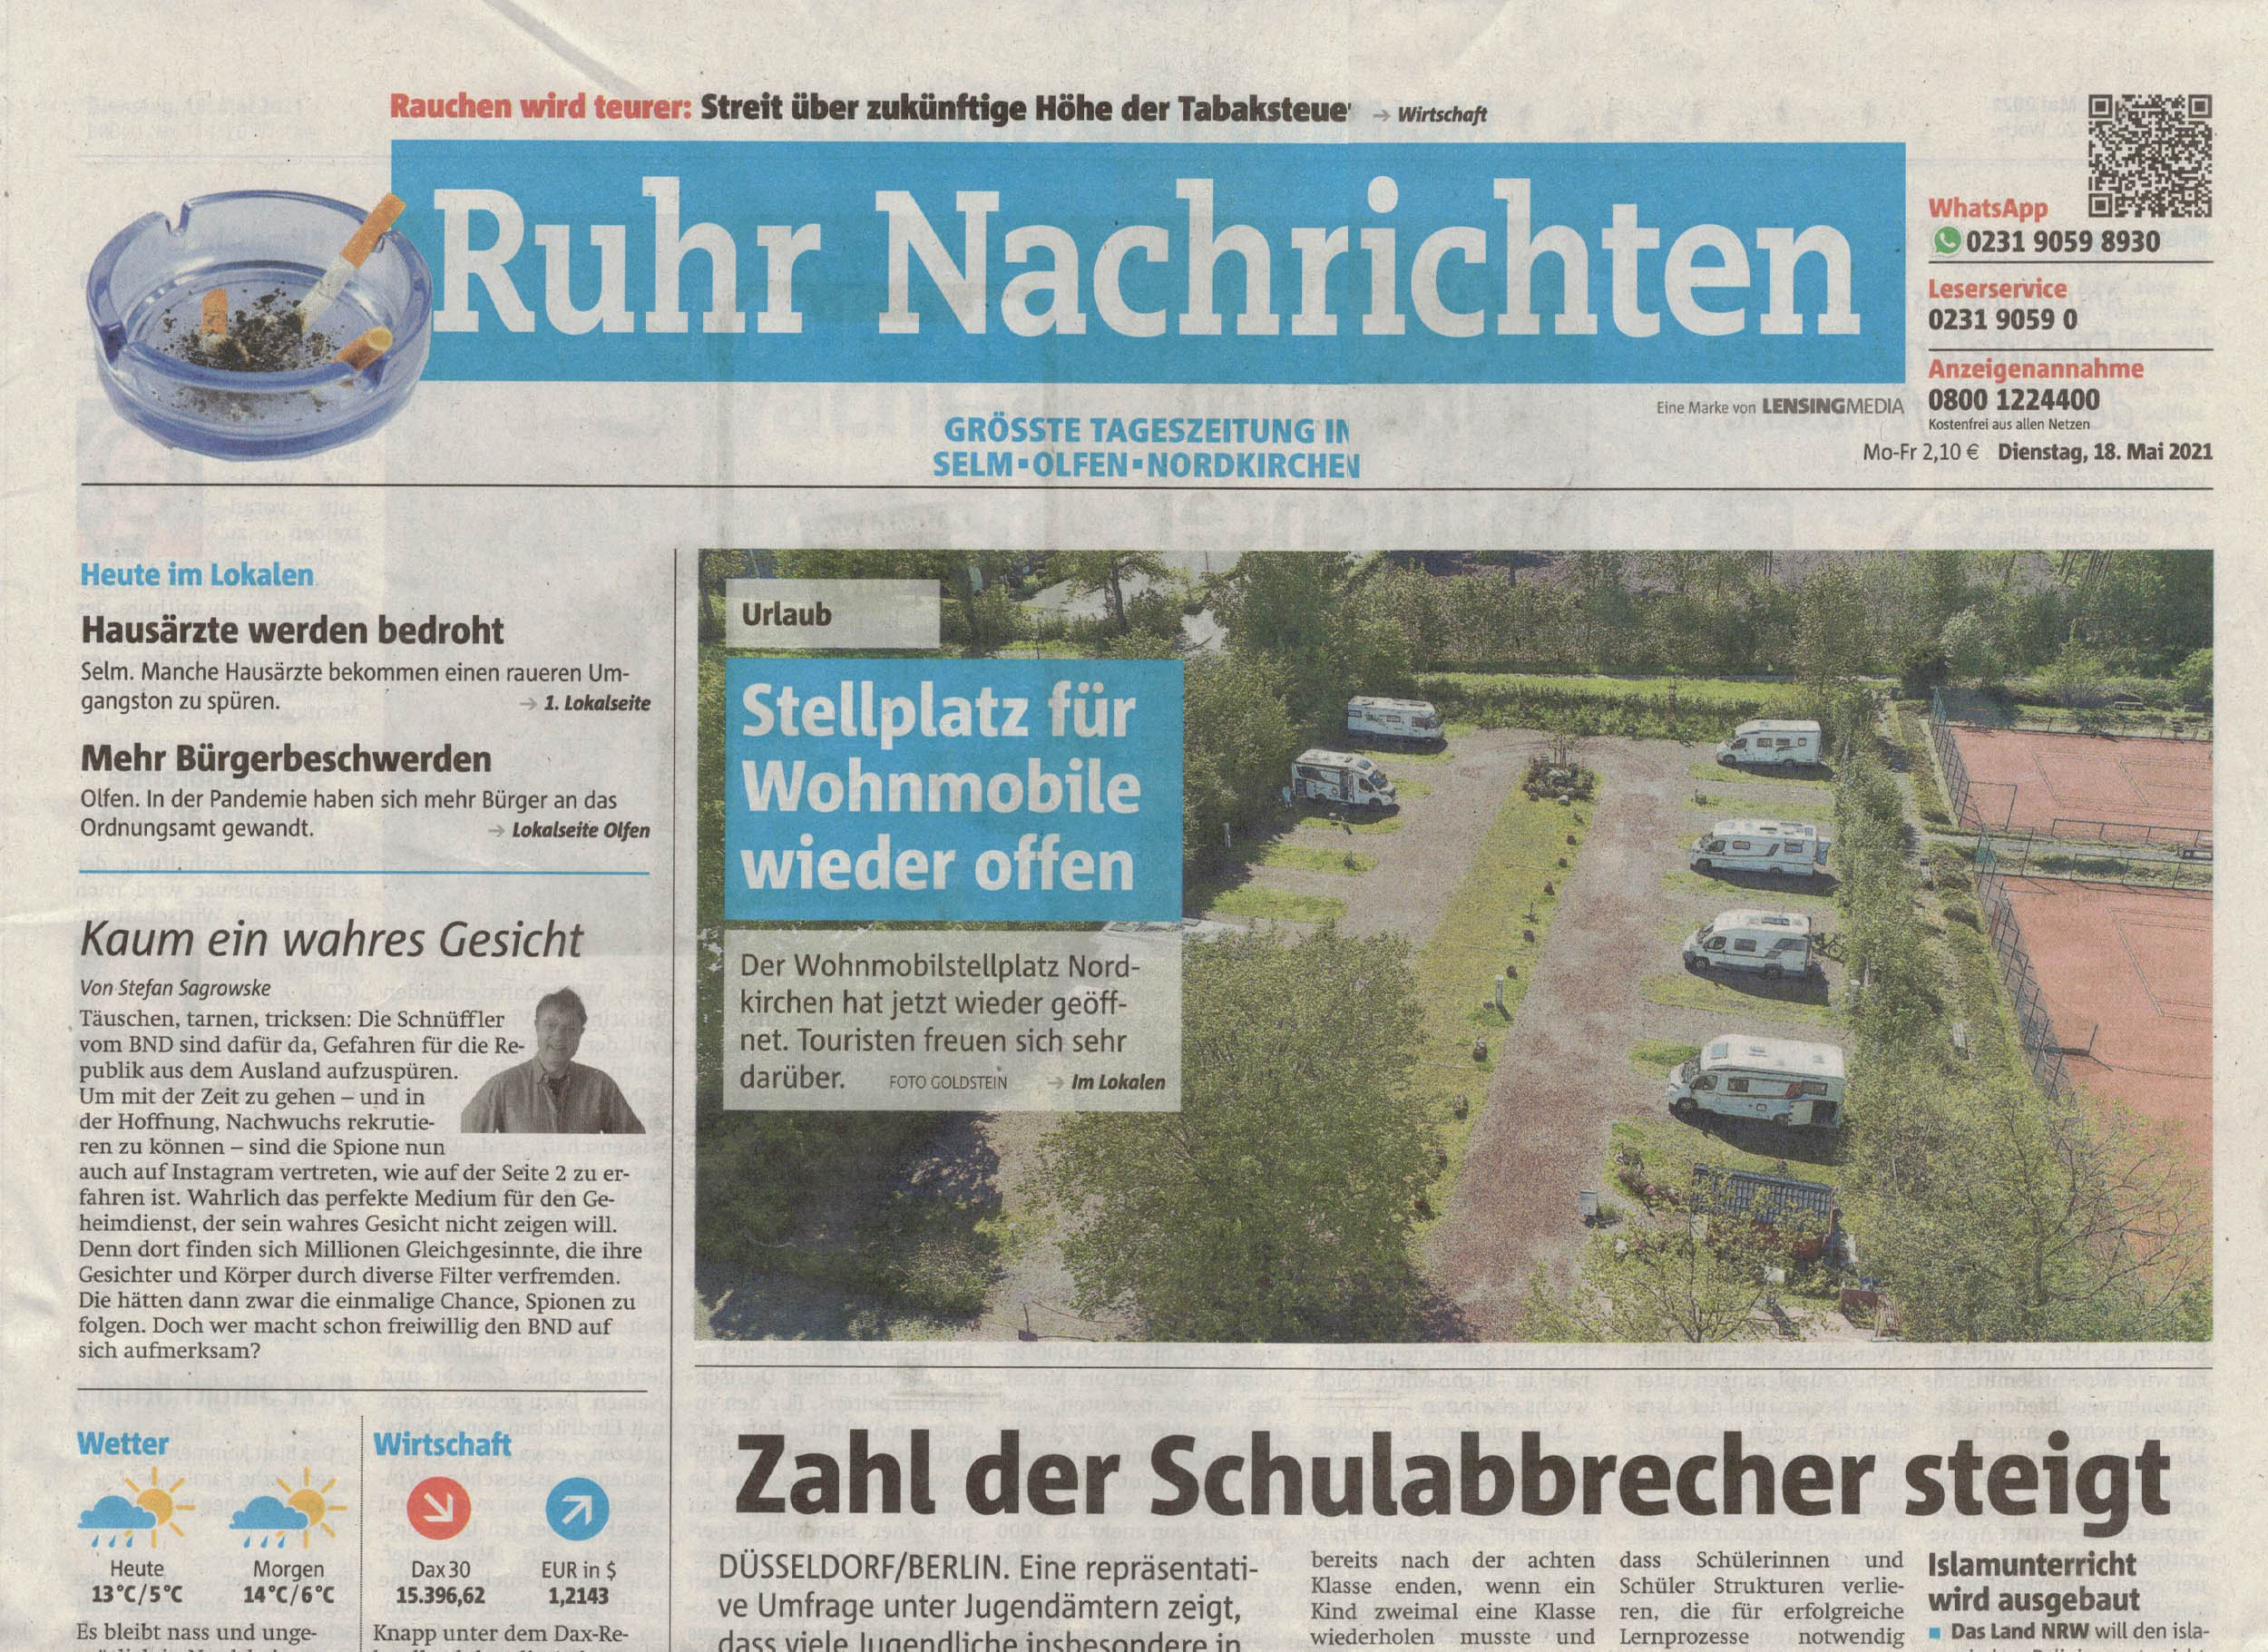 Ruhrnachrichten (Titelseite) vom 18. Mai 2021